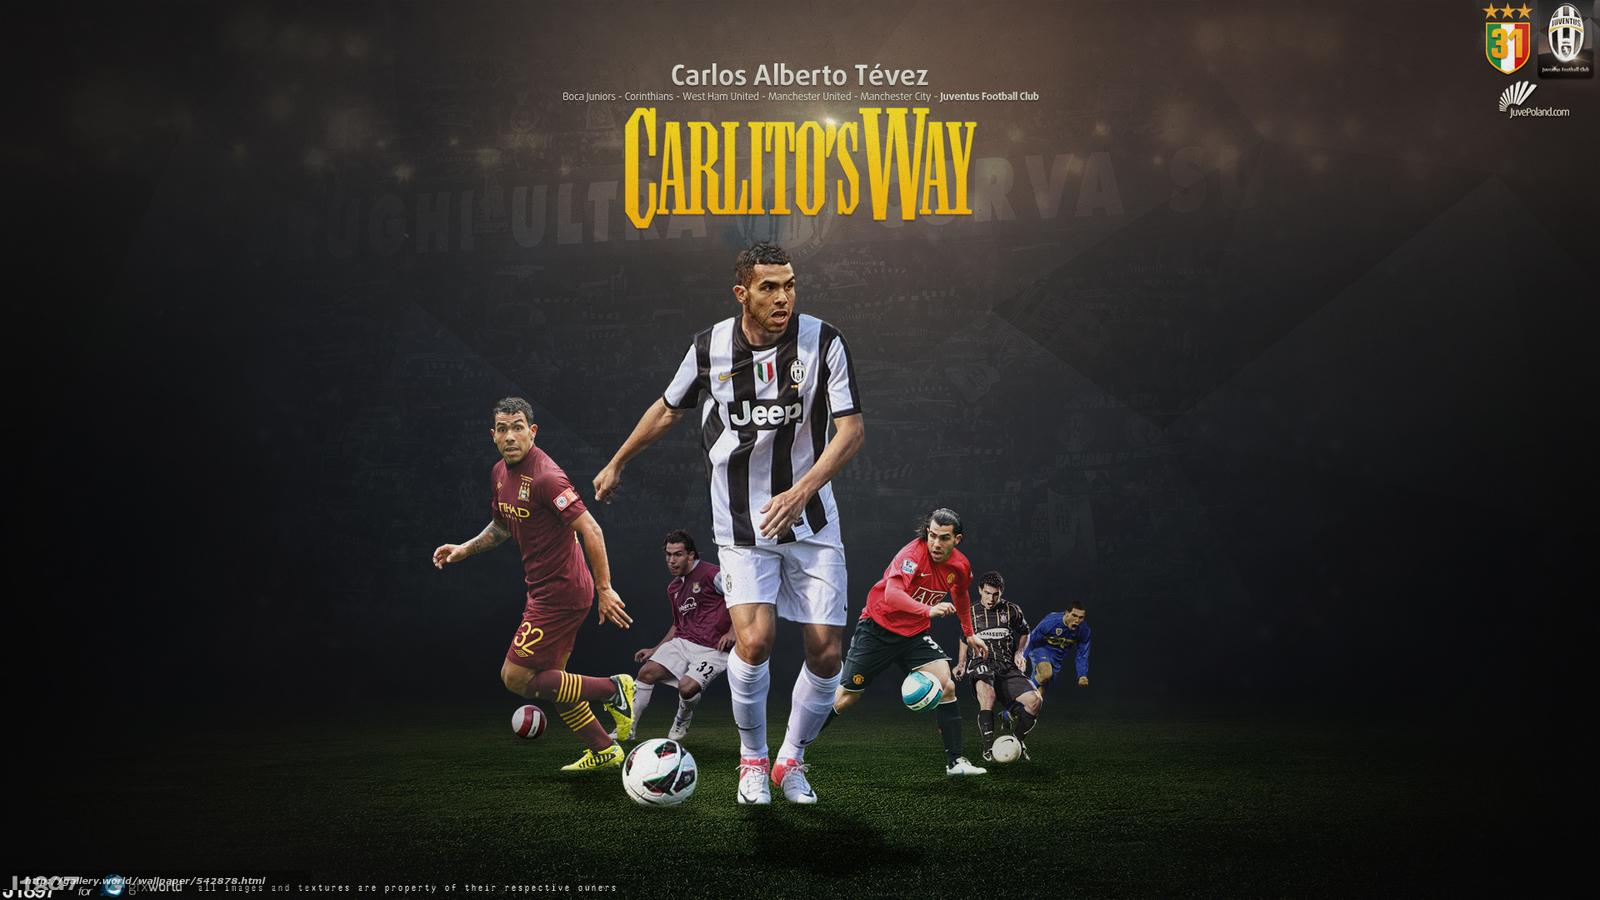 Download Wallpaper Carlitos Tevez Juventus X Free